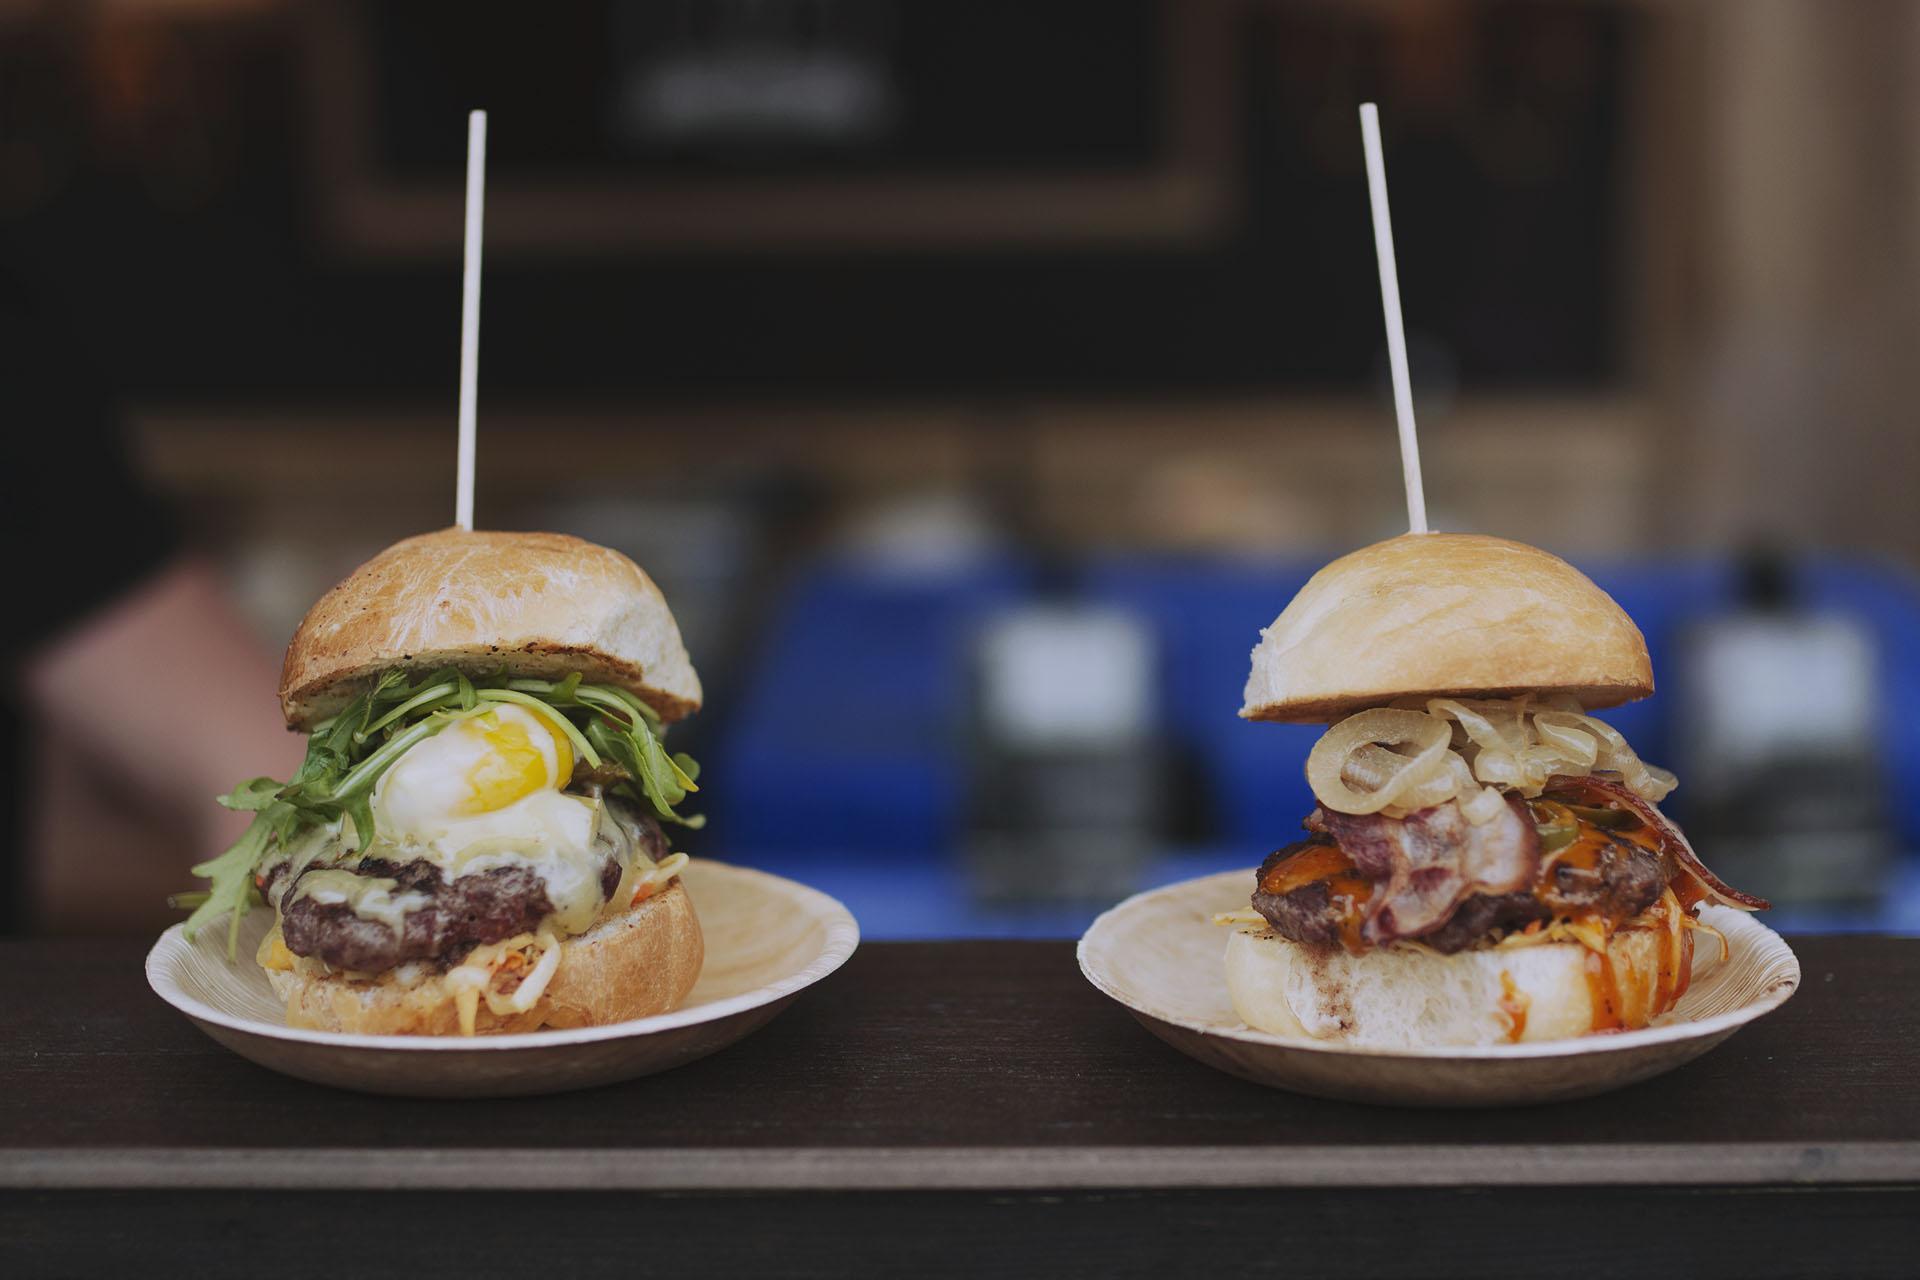 burgerfestival_wearecity_köln18.jpg